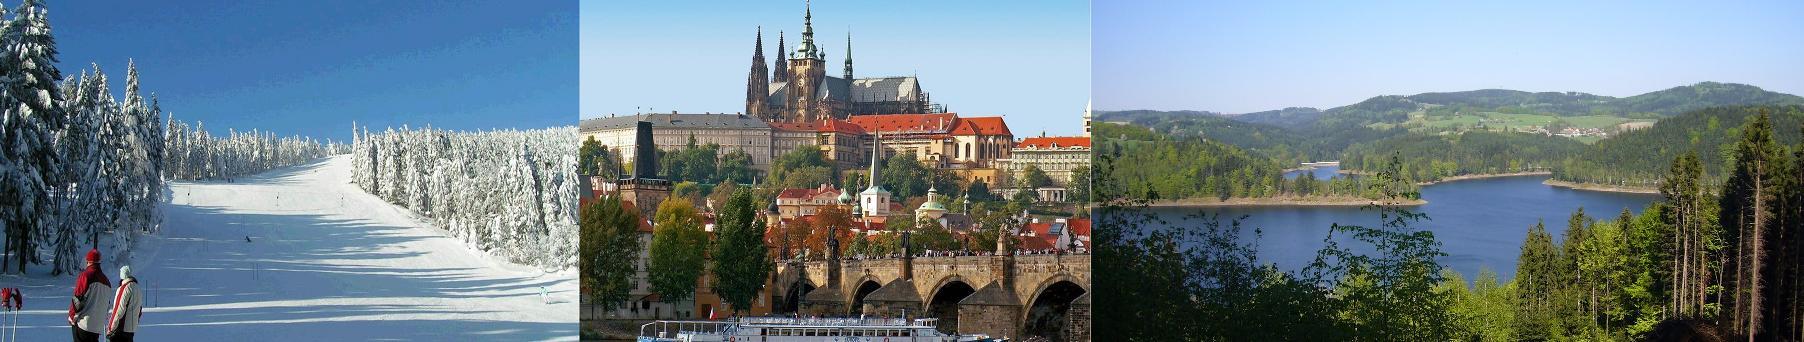 Tsjechisch recht, onroerend goed en juridische hulp Tsjechie